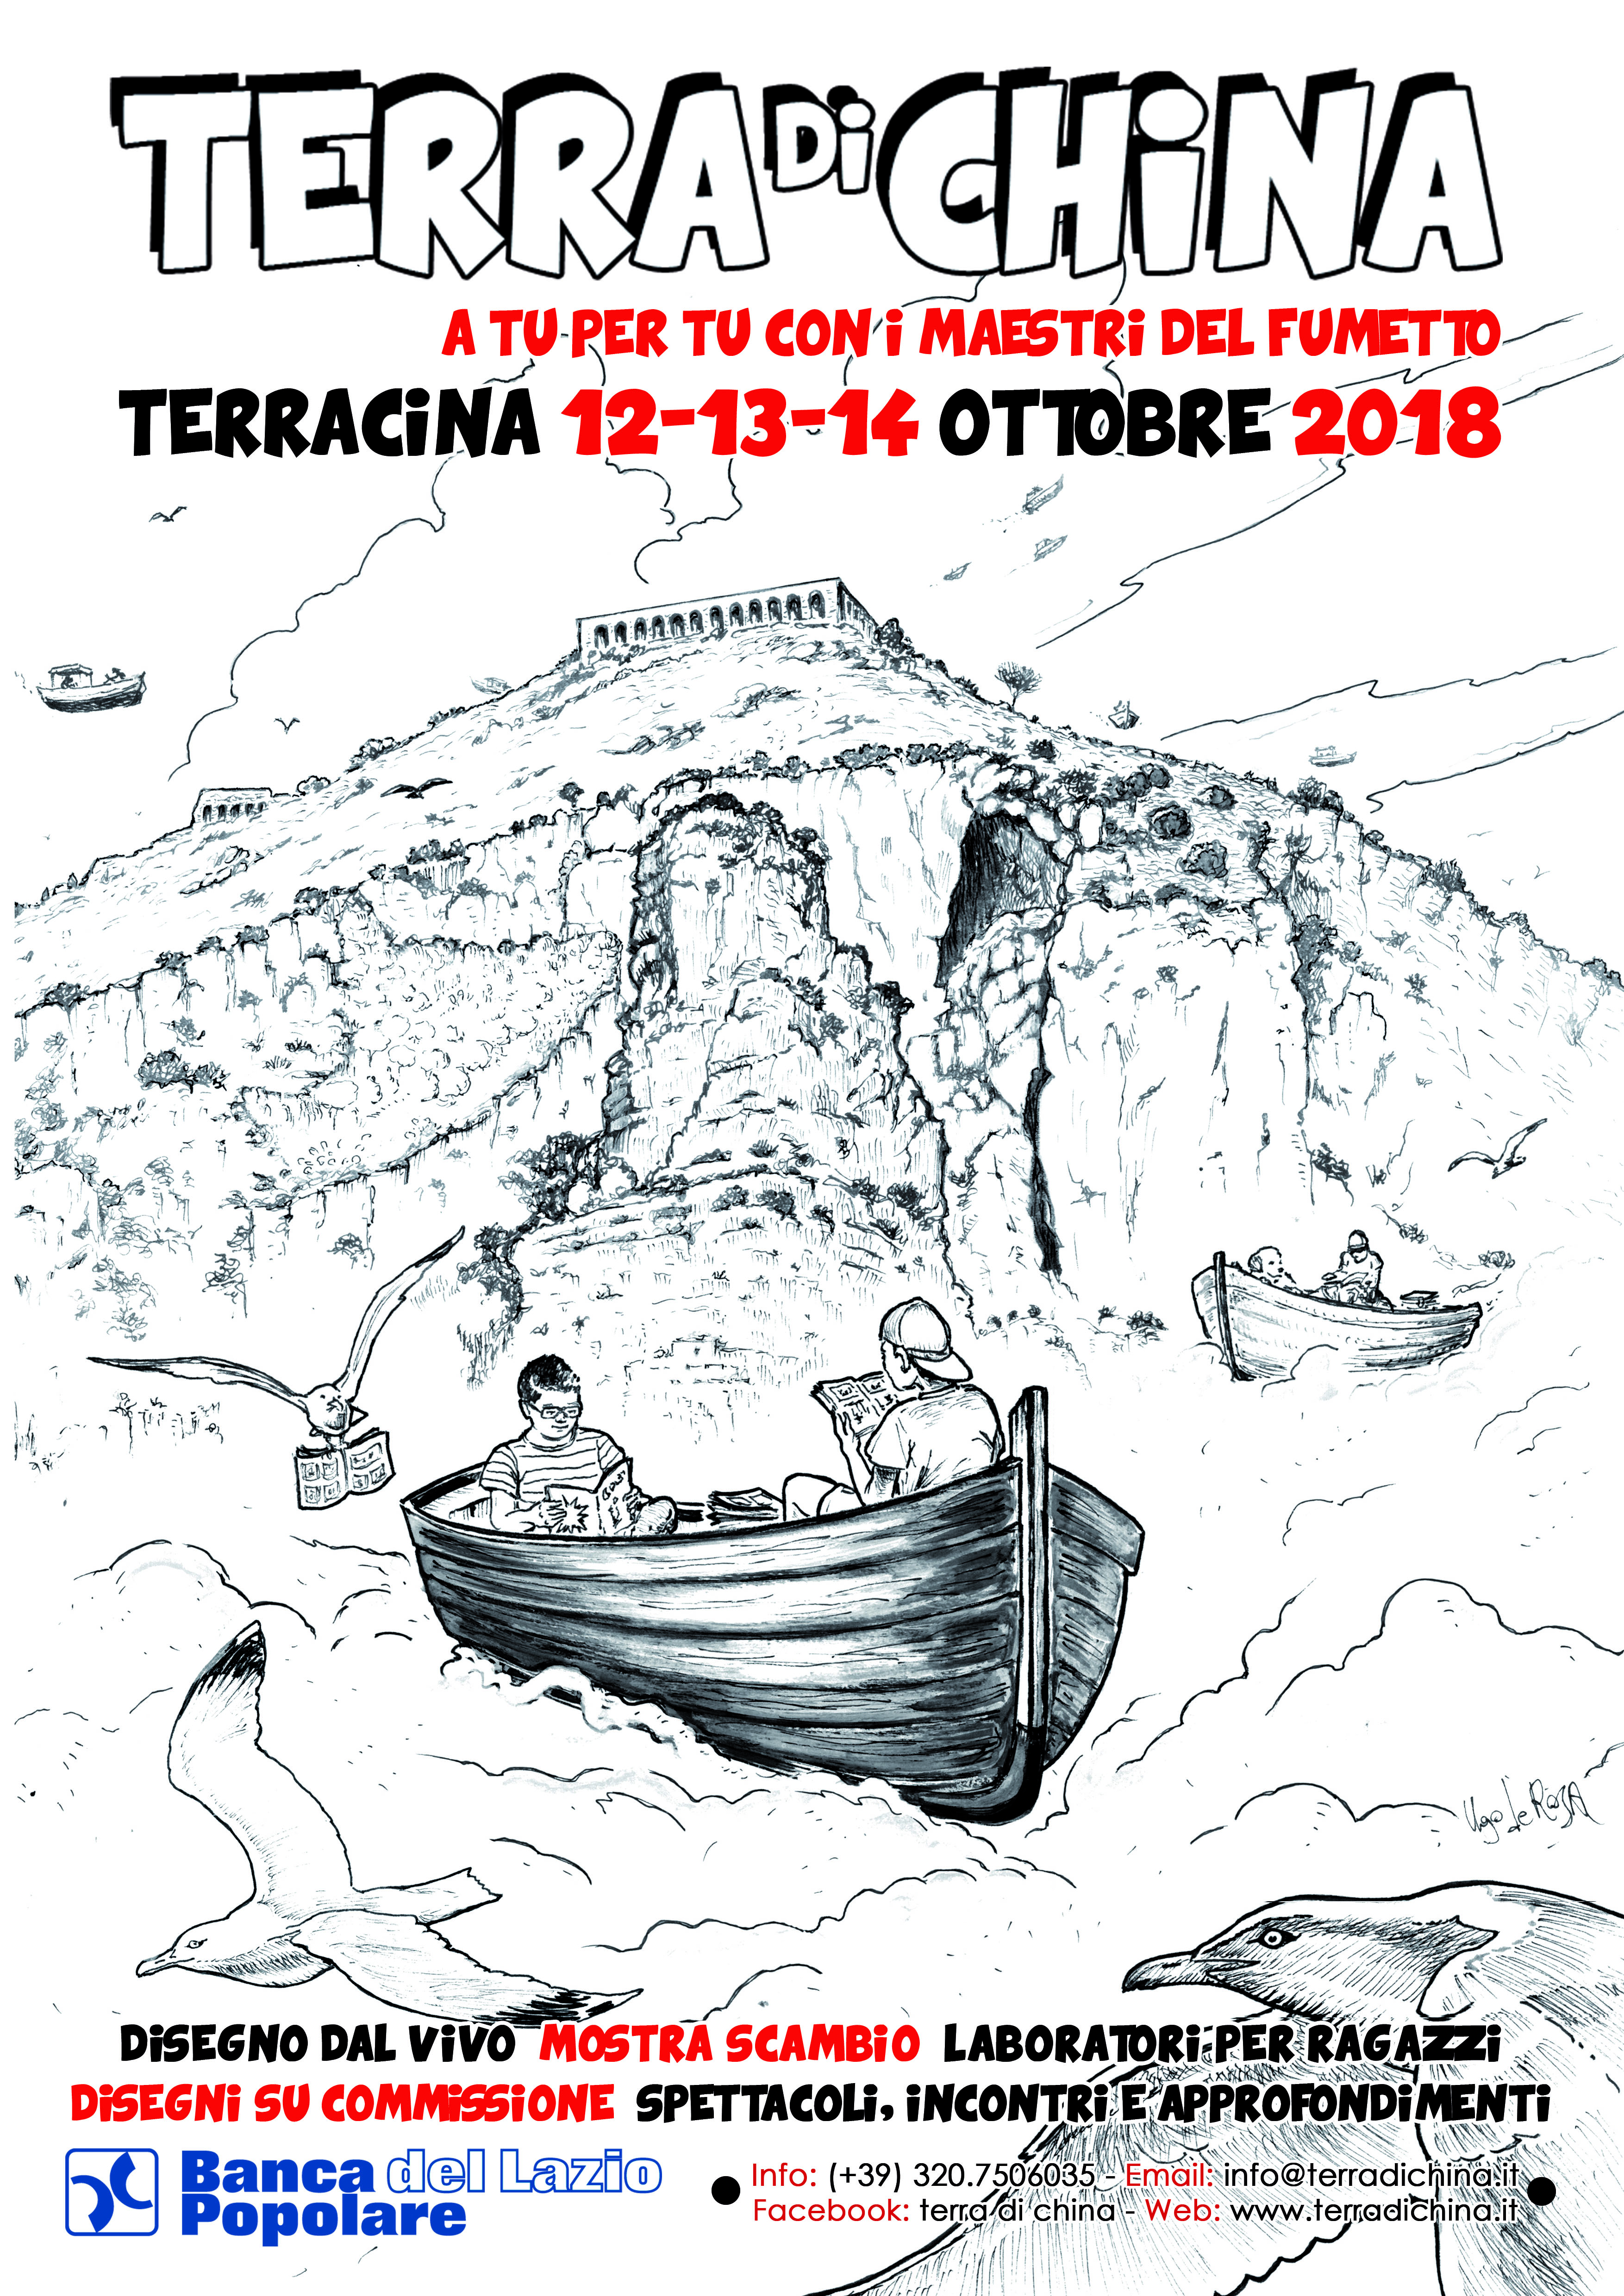 L'associazione culturale TERRAdiCHINA, con il contributo di Banca Popolare del Lazio, dà vita alla terza edizione del suo Festival del fumetto e delle arti grafiche, che si terrà presso il…